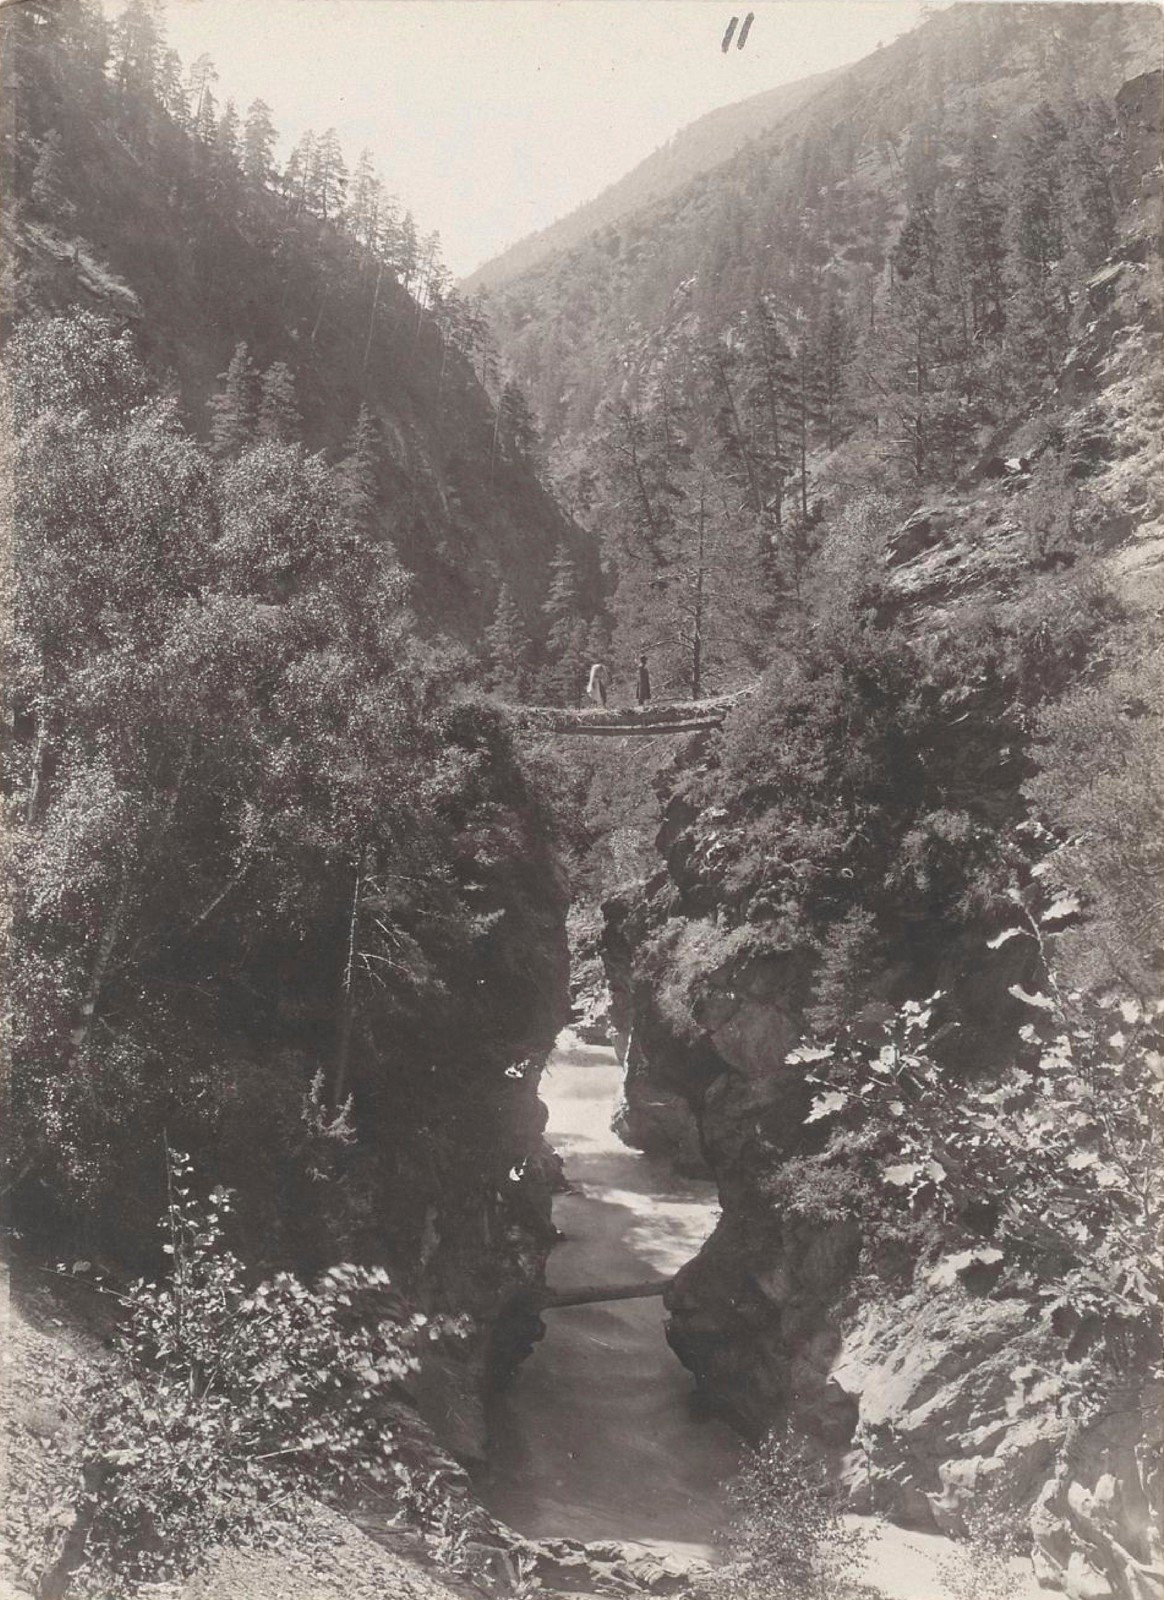 11. Восточный Кавказ. Южный Дагестан. Ущелье в долине реки Андийское Койсу, август 1898